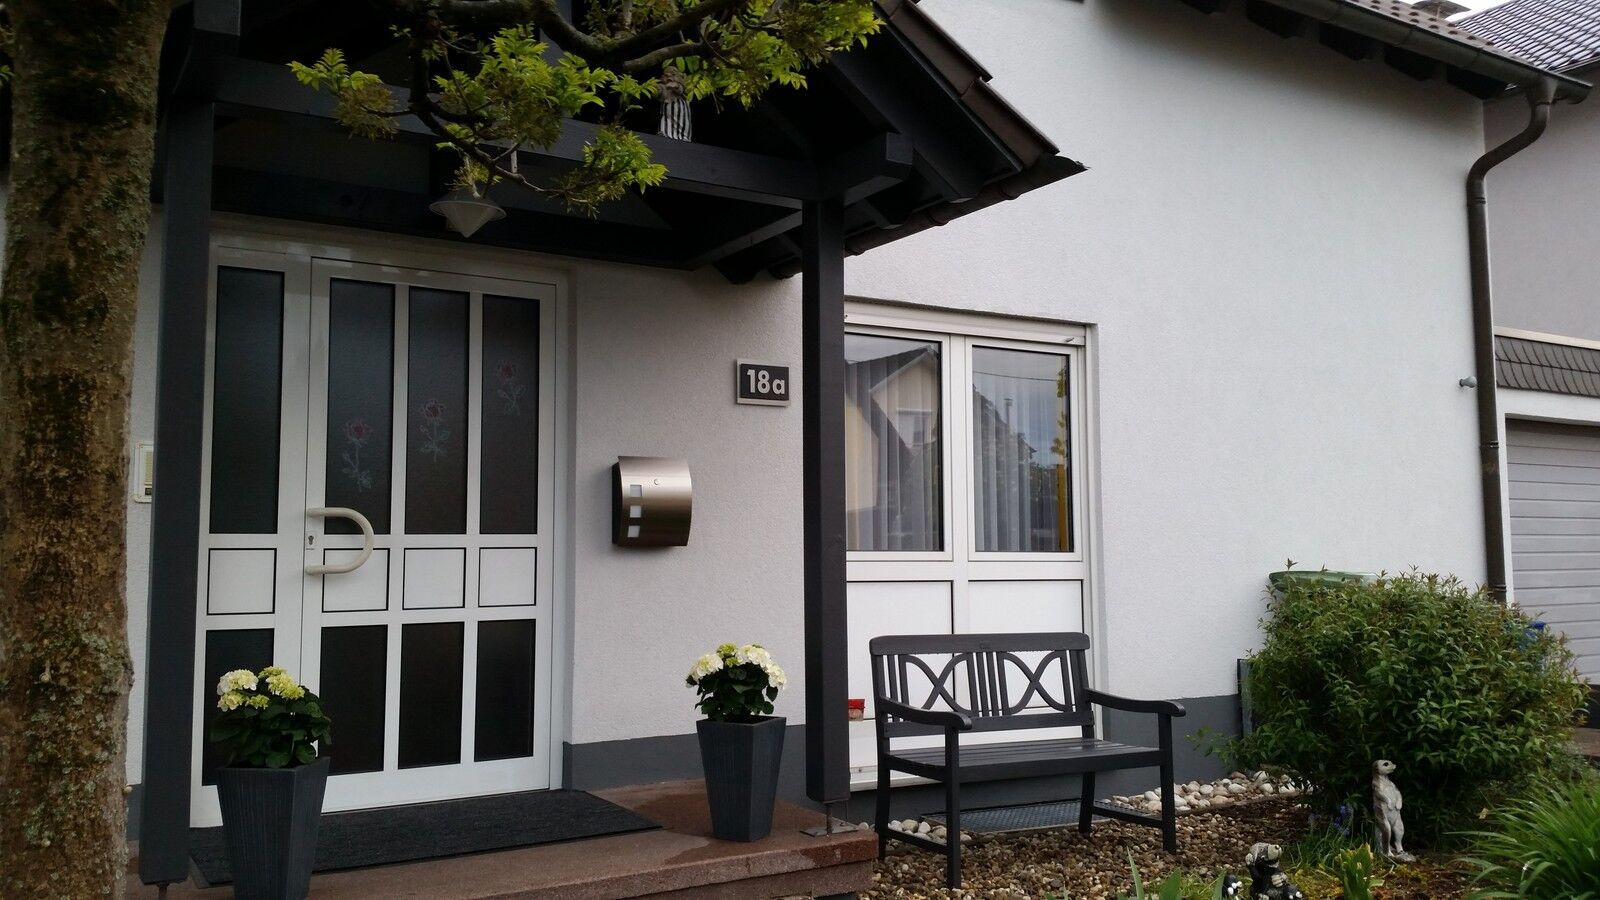 Hausnummer Edelstahl Schwarz Exklusives Exklusives Exklusives Design Verona V2A 0-9 a-h A-H | Schön  | Offizielle Webseite  | Modern Und Elegant In Der Mode  e9abf6